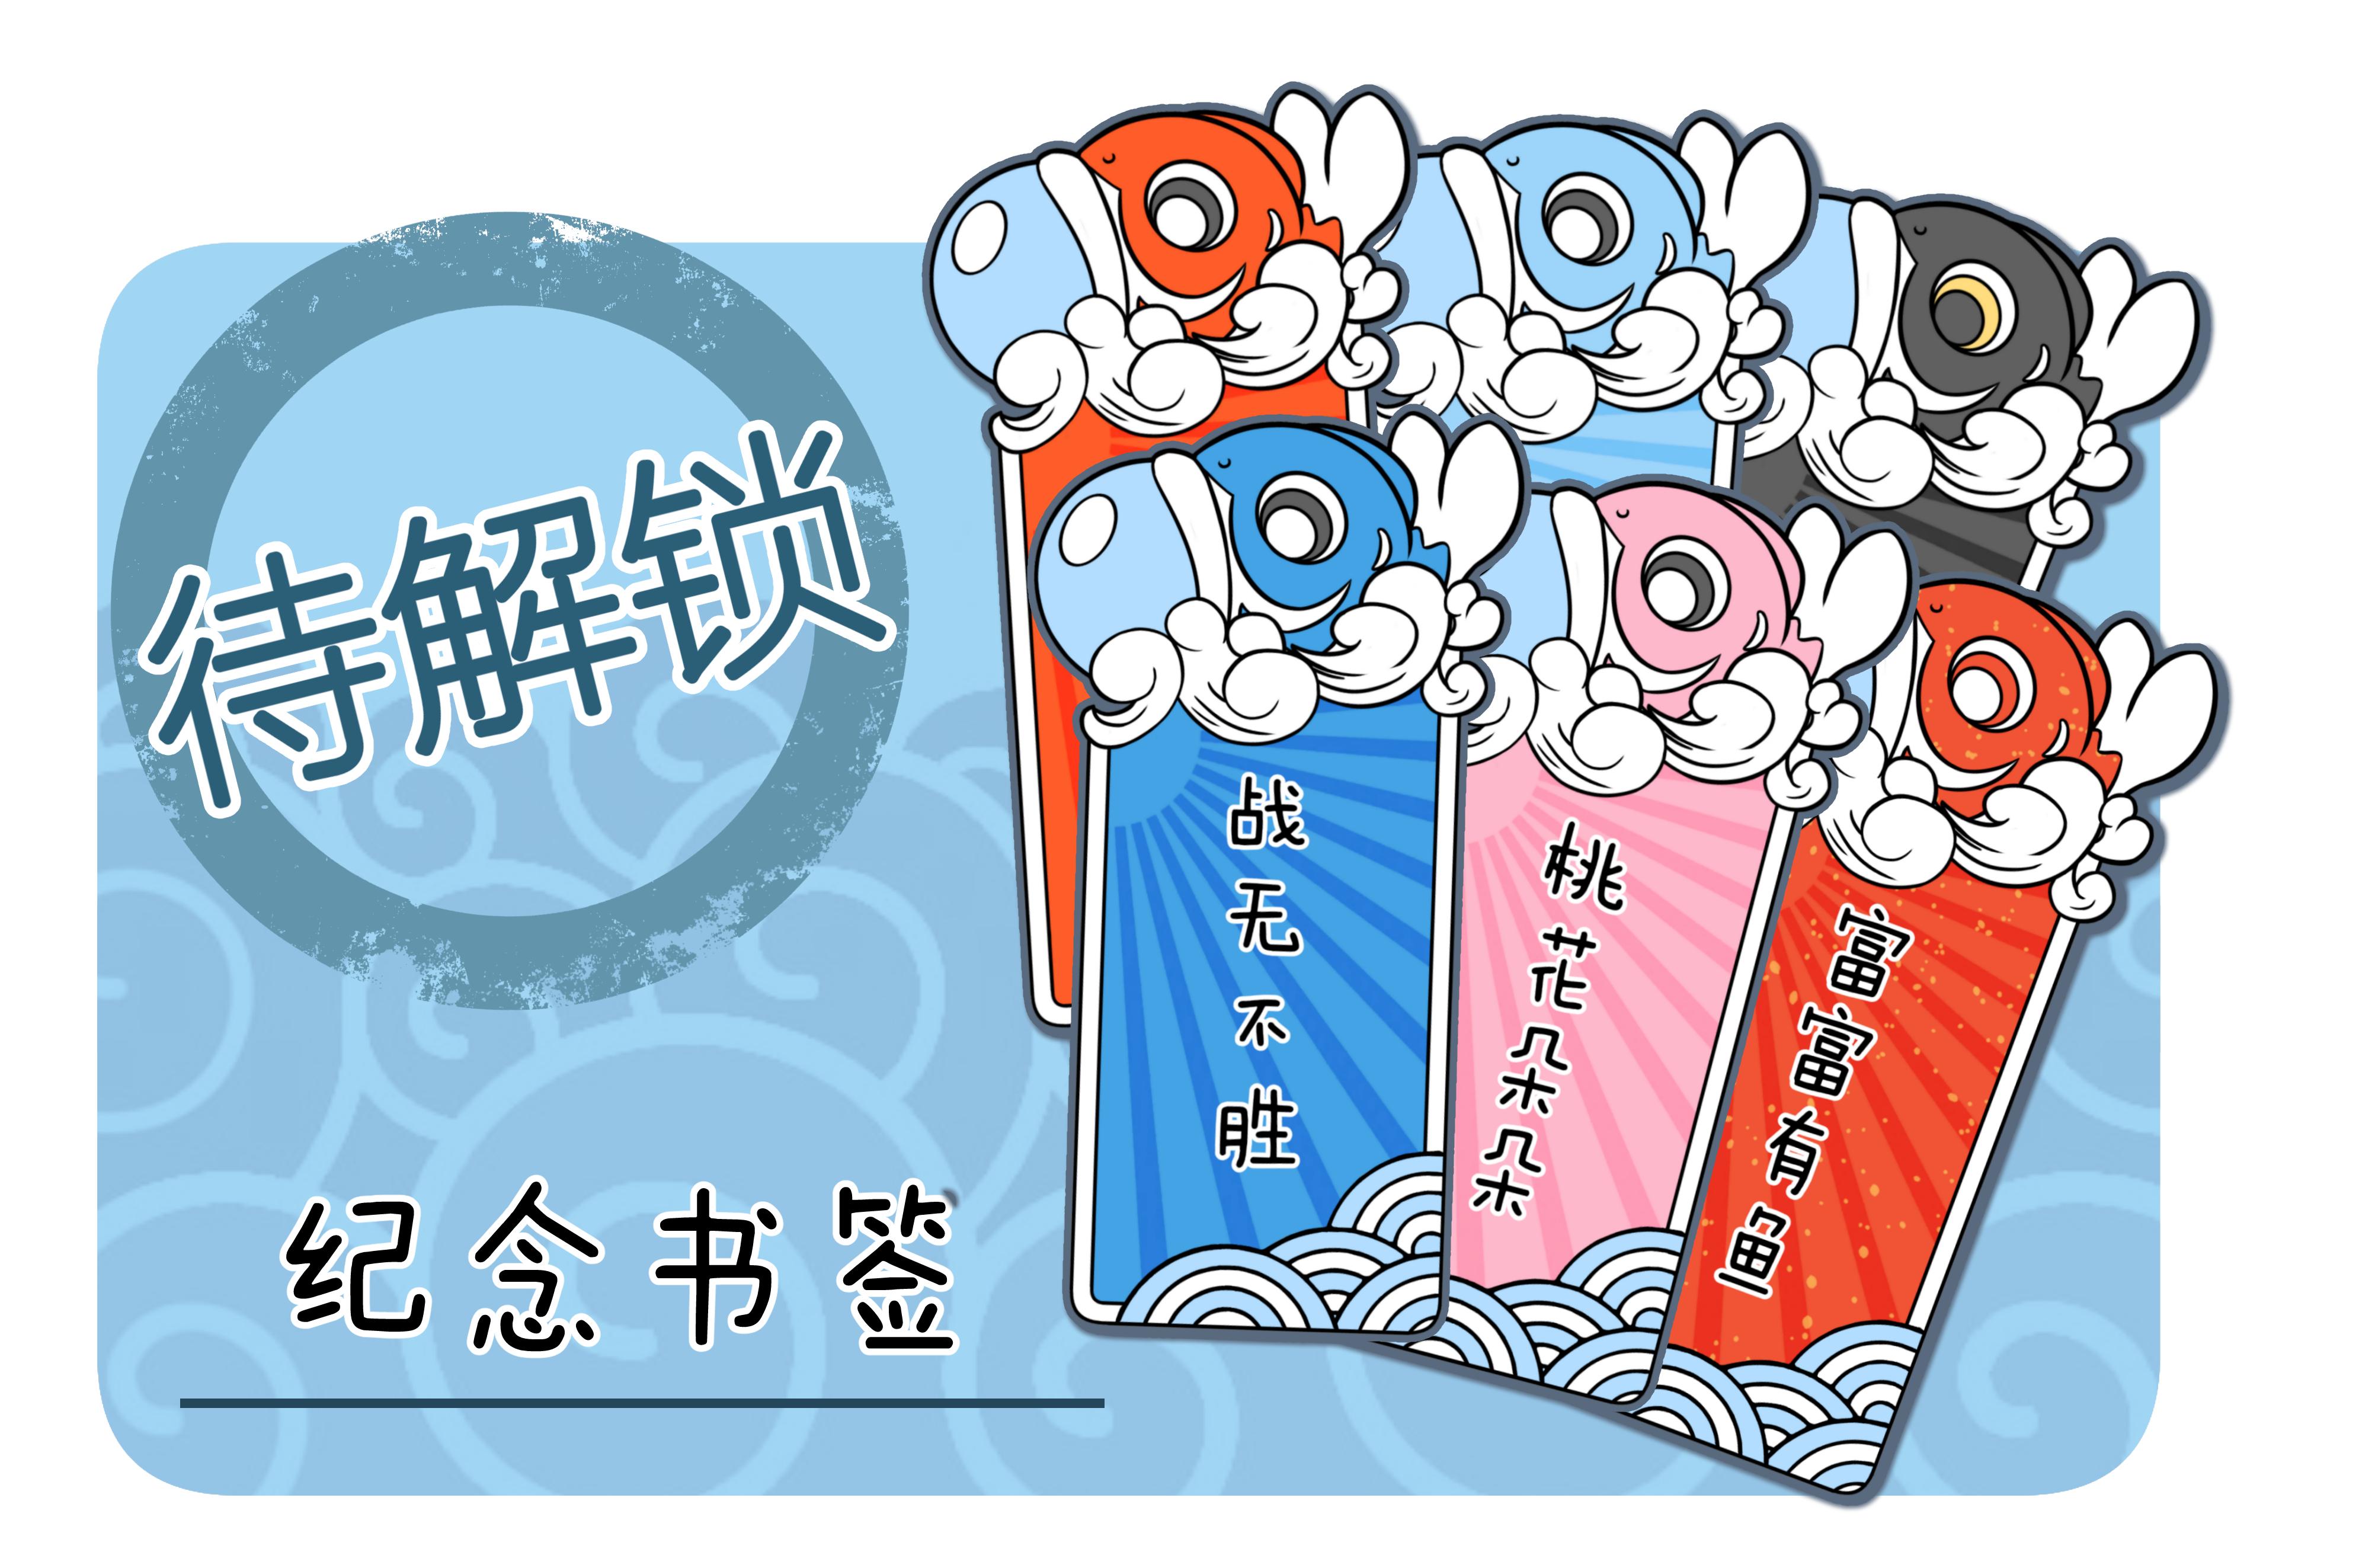 zhongchou3.jpg